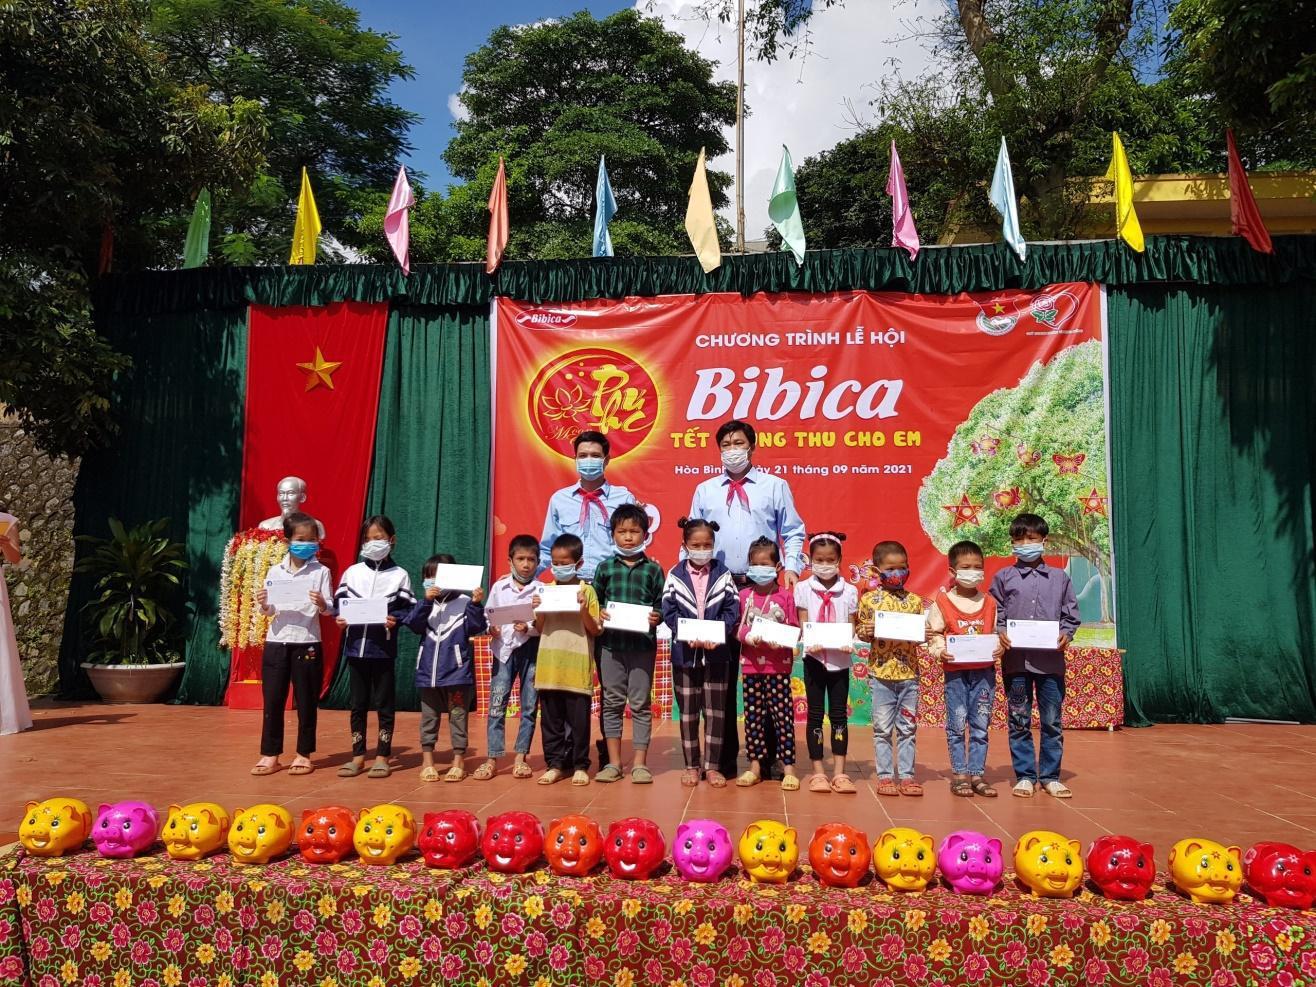 Tết Trung Thu Cho Em - Mùa 2 đã được Bibica triển khai tại 17 tỉnh thành trên toàn quốc - Ảnh 3.